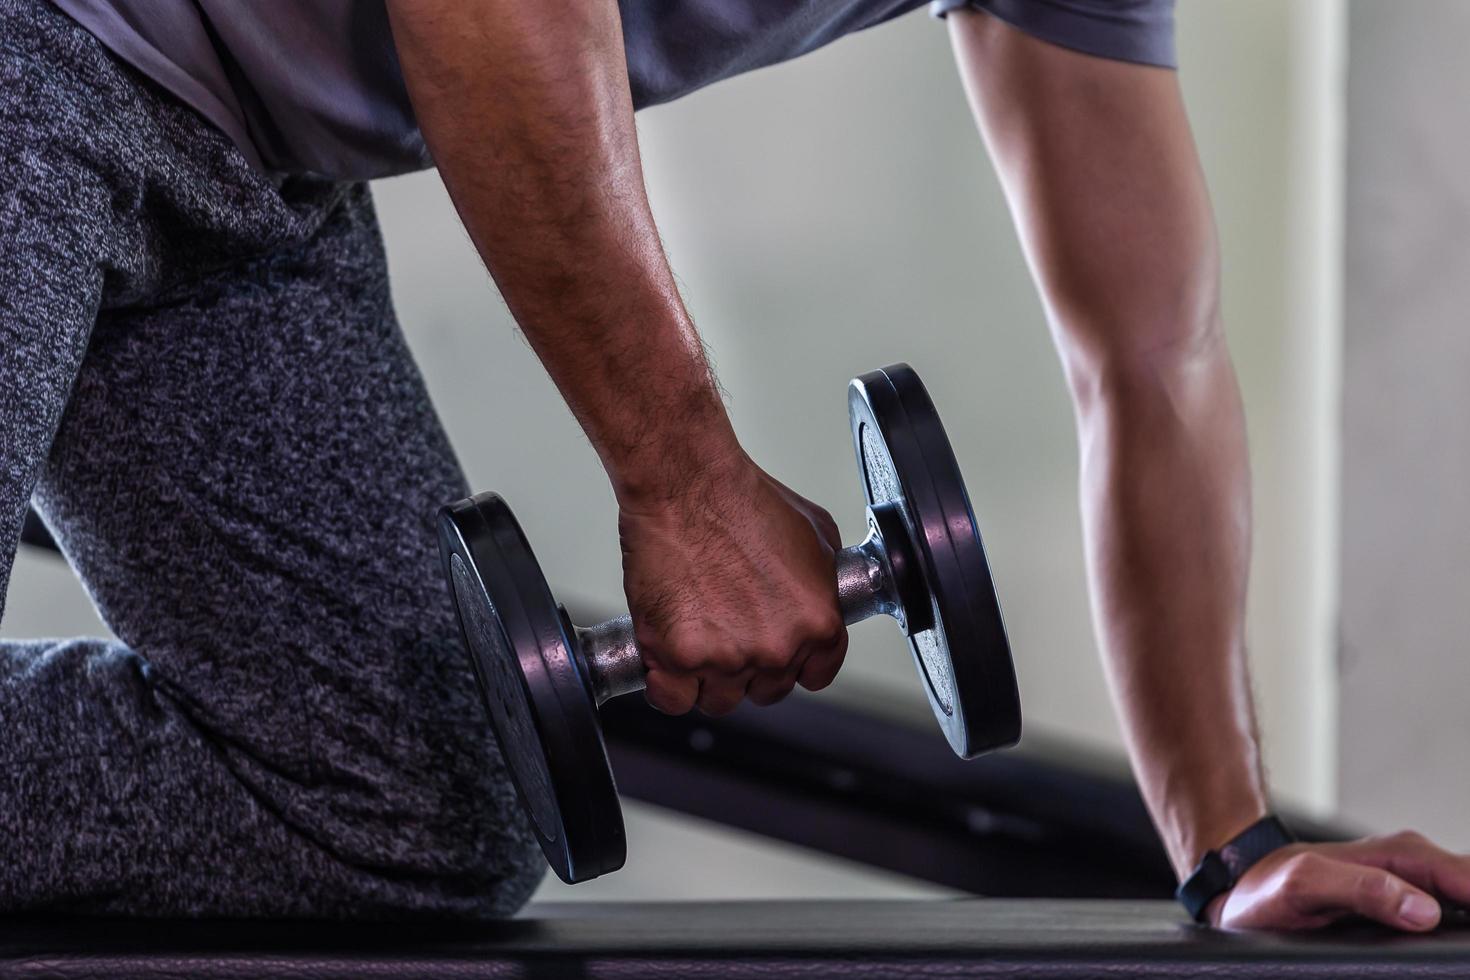 Mann mit Hantel im Fitnessstudio foto